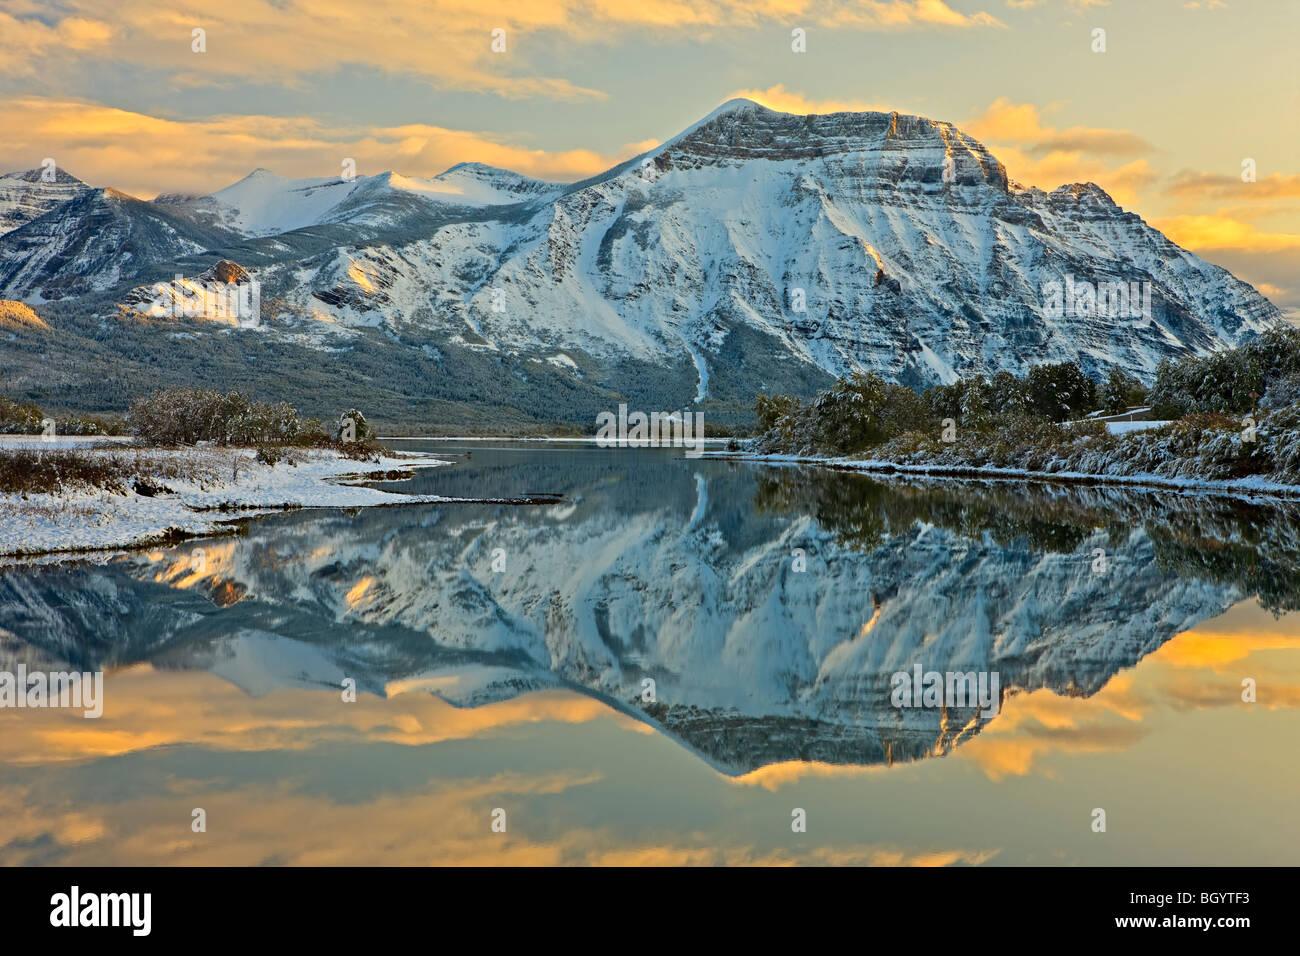 Reflexiones de Mt Vimy en Lower Waterton Lake (Lago del Caballero) al atardecer en el Parque Nacional Waterton Lakes Imagen De Stock